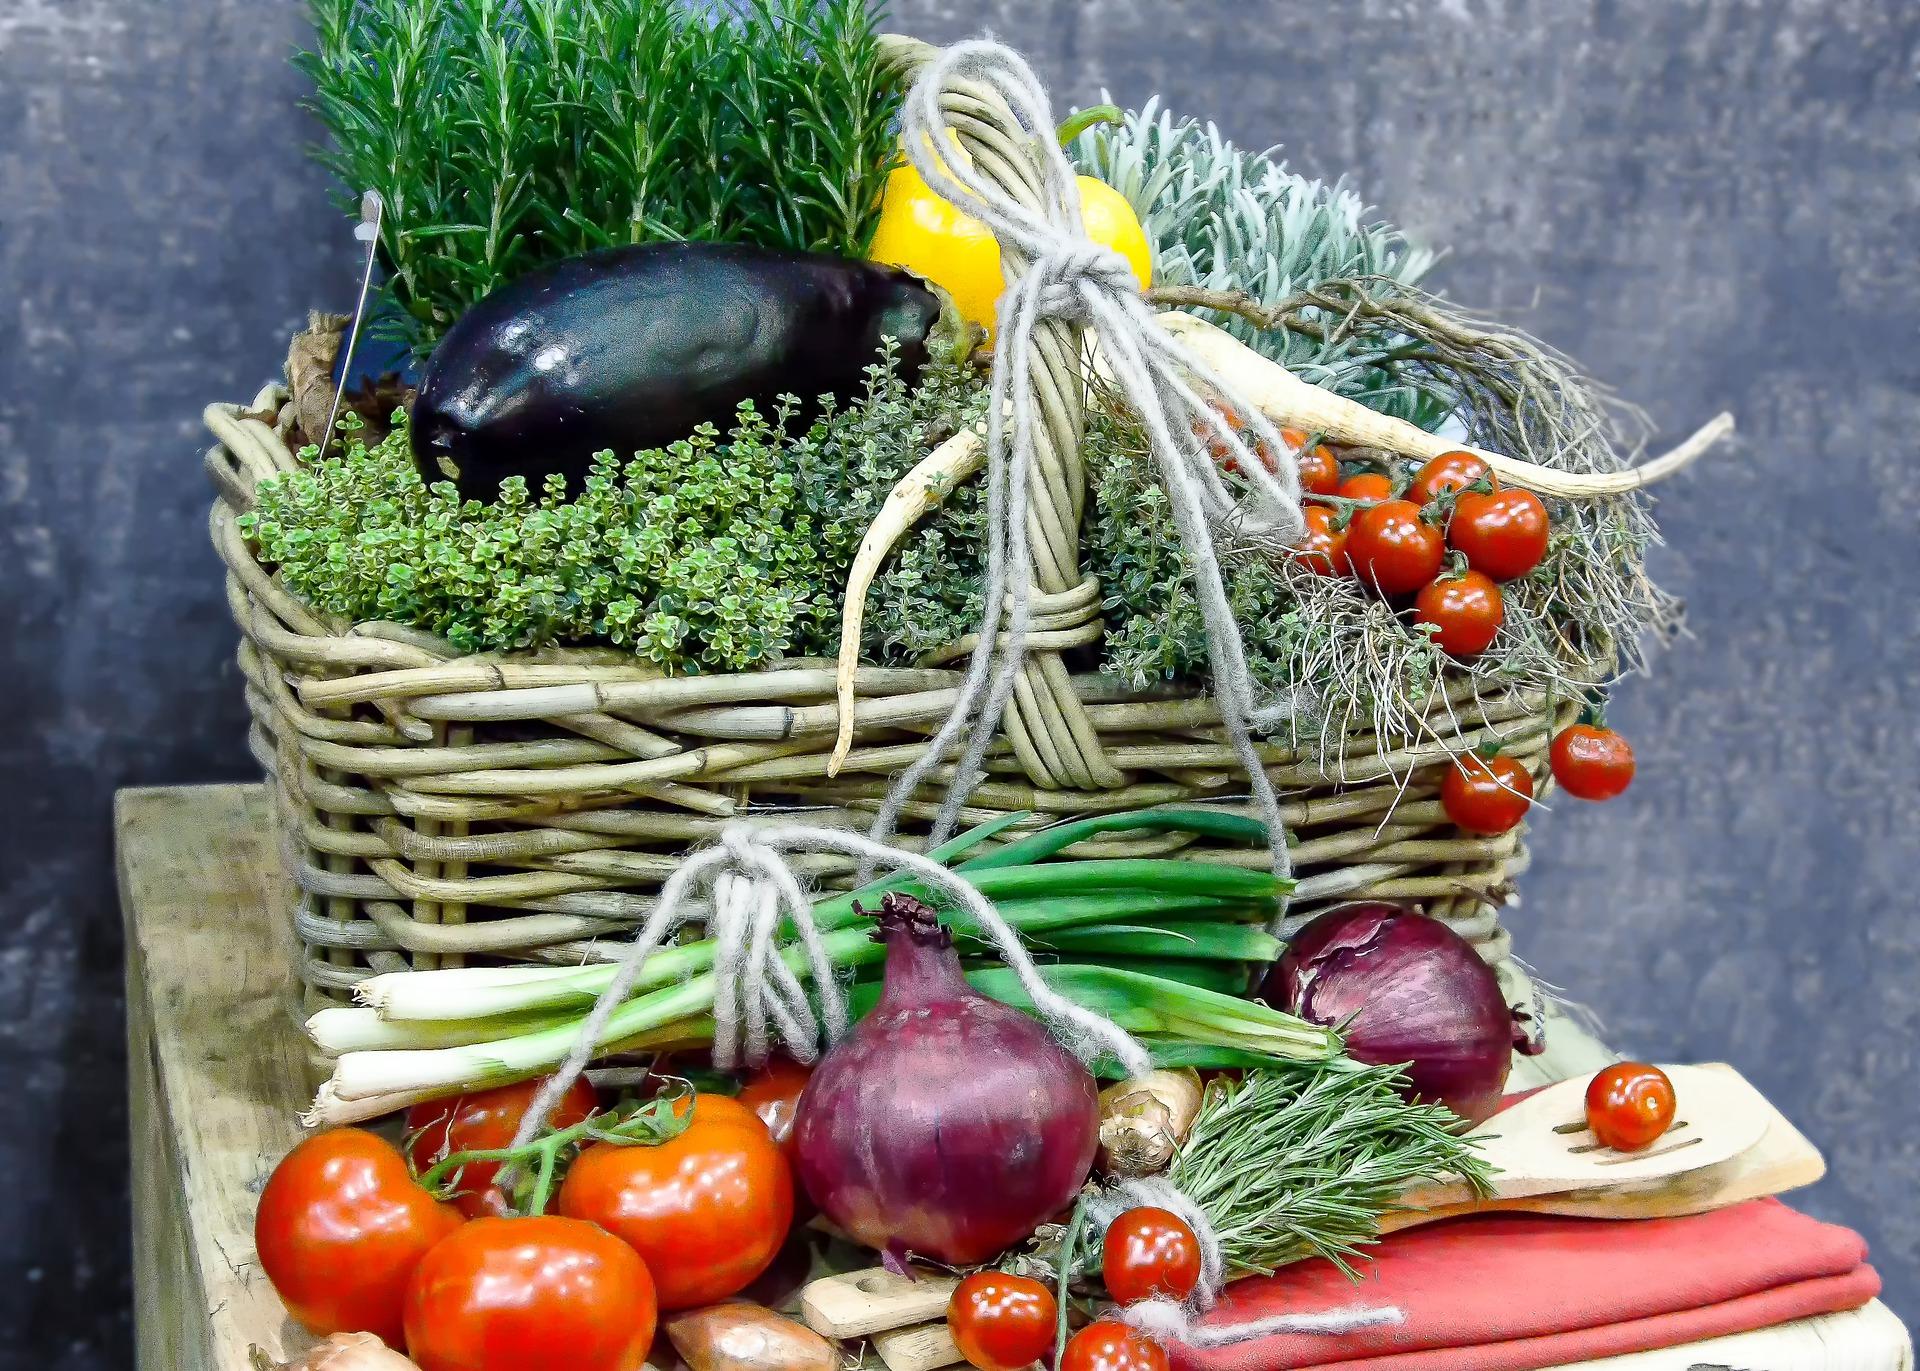 vegetables-4787141_1920